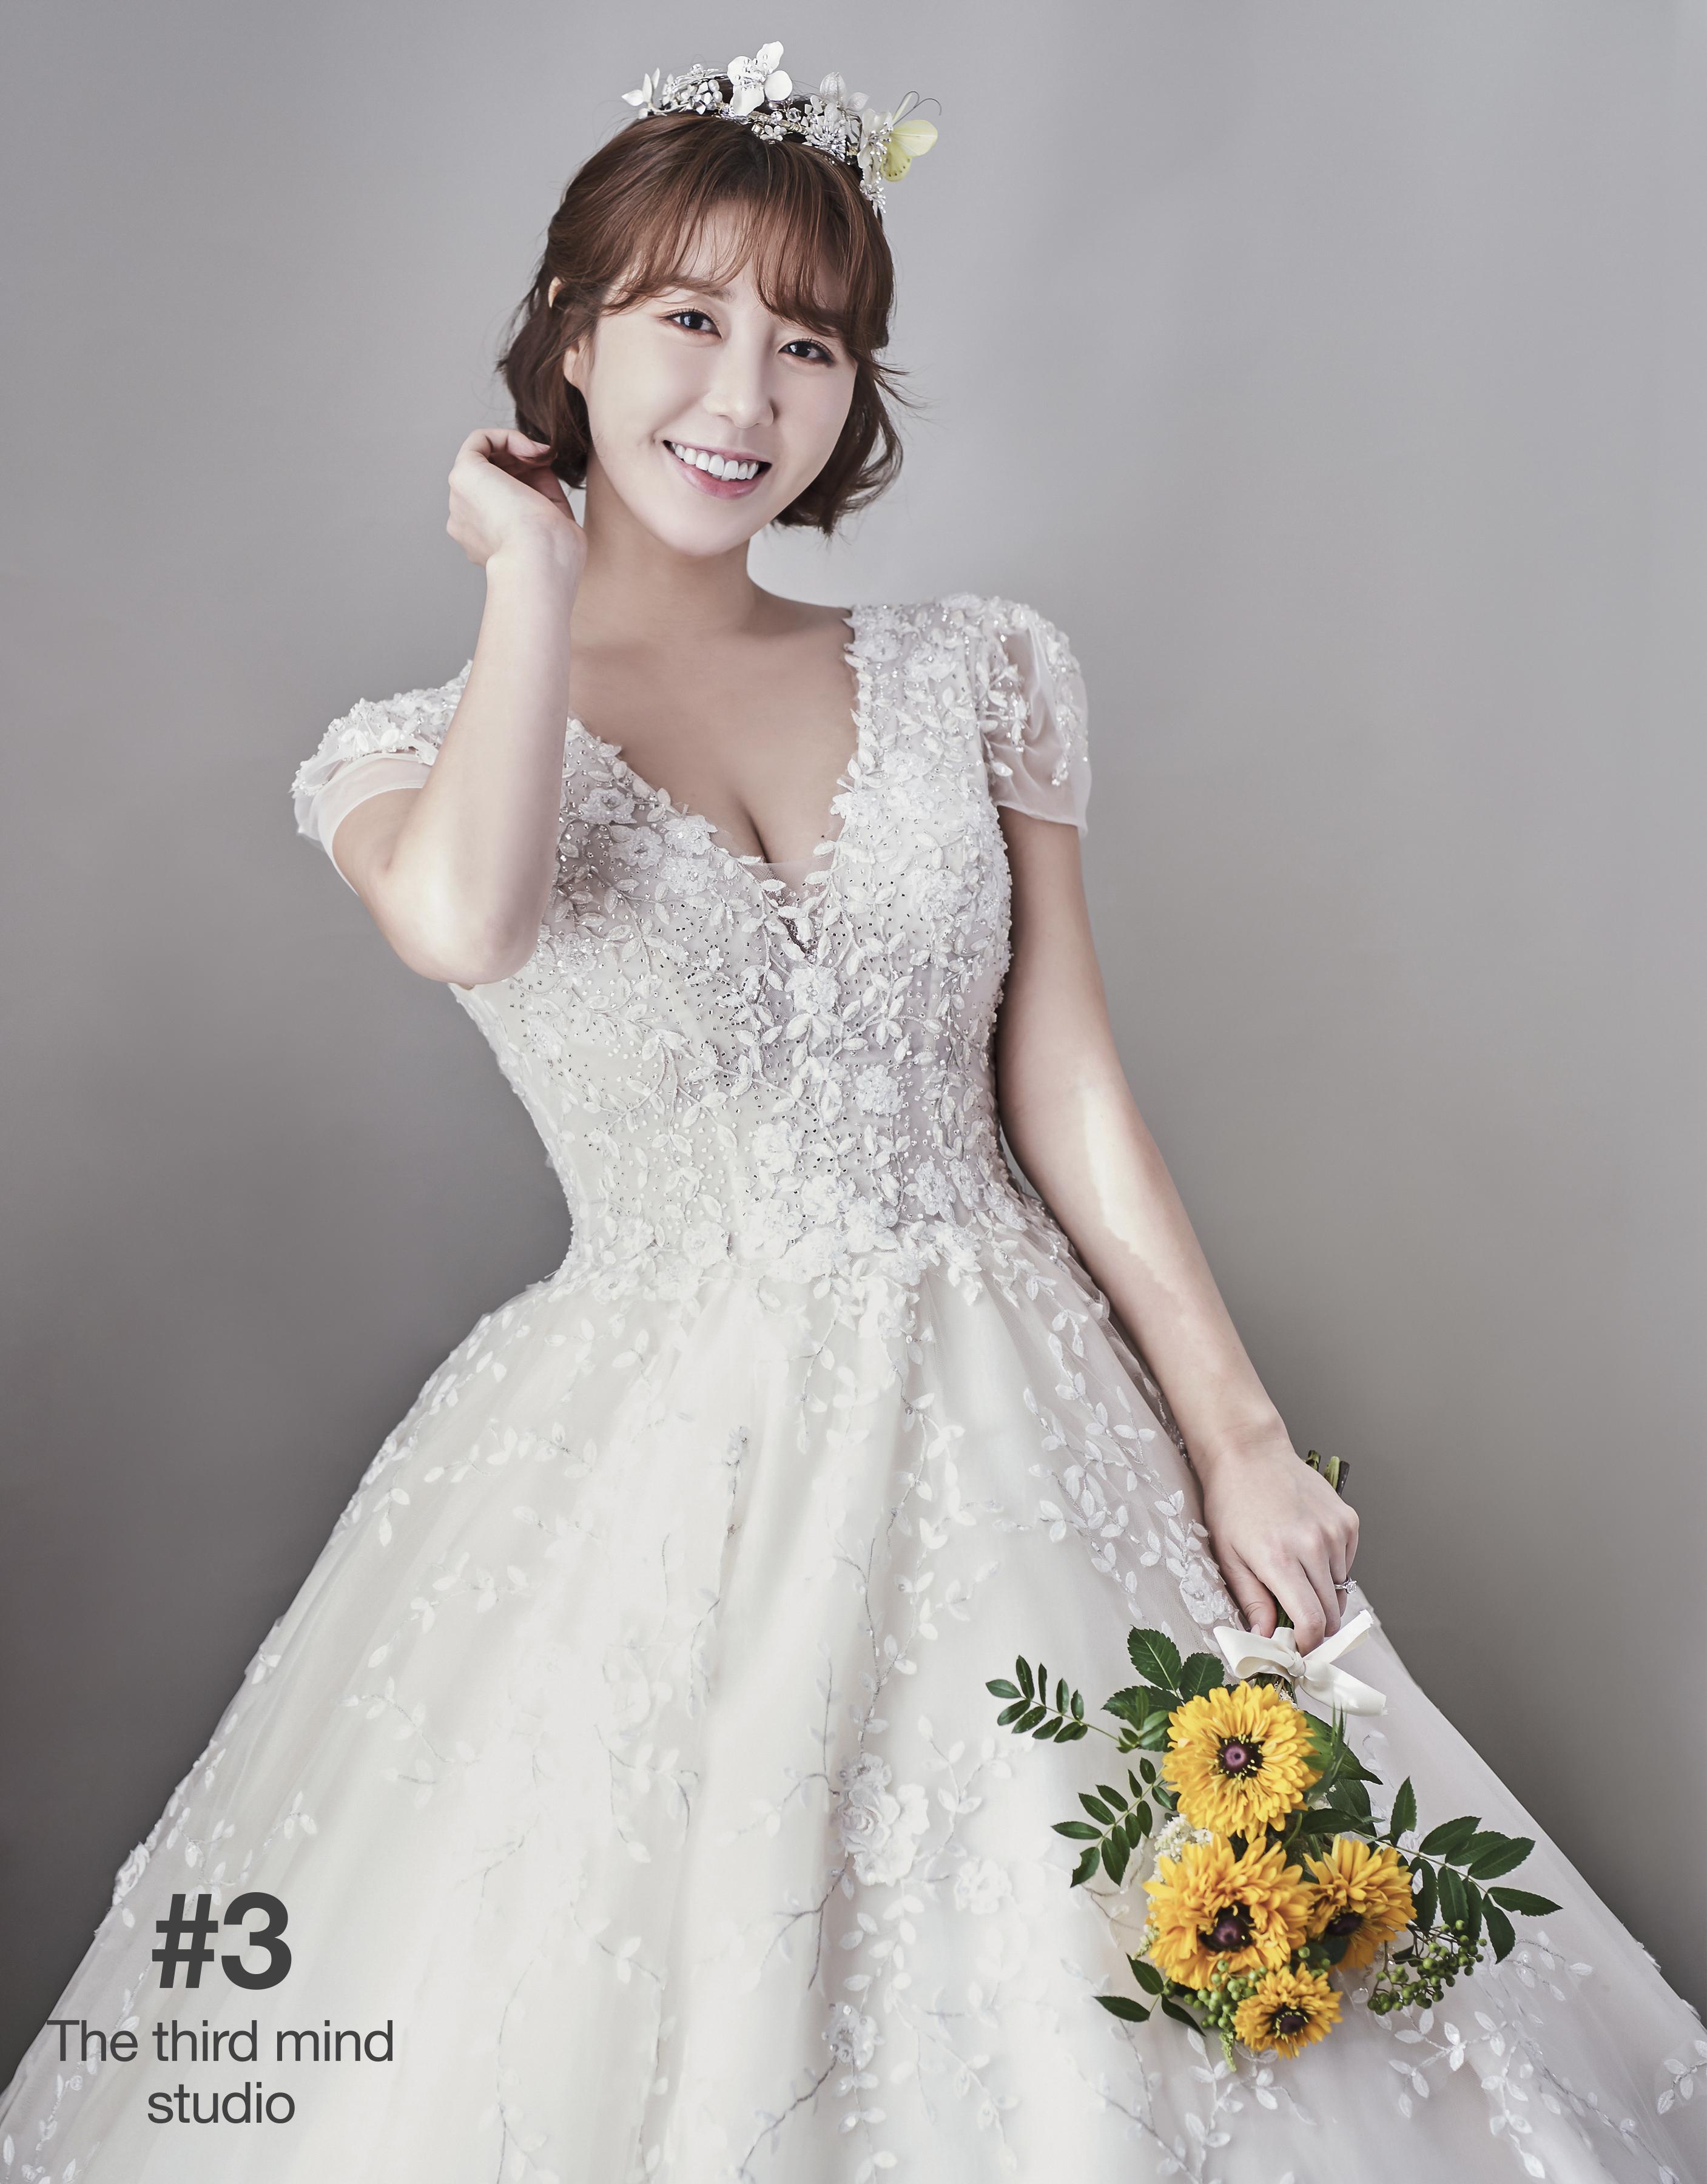 가수 나비, 결혼 발표! 오는 30일 품절녀 대열 합류